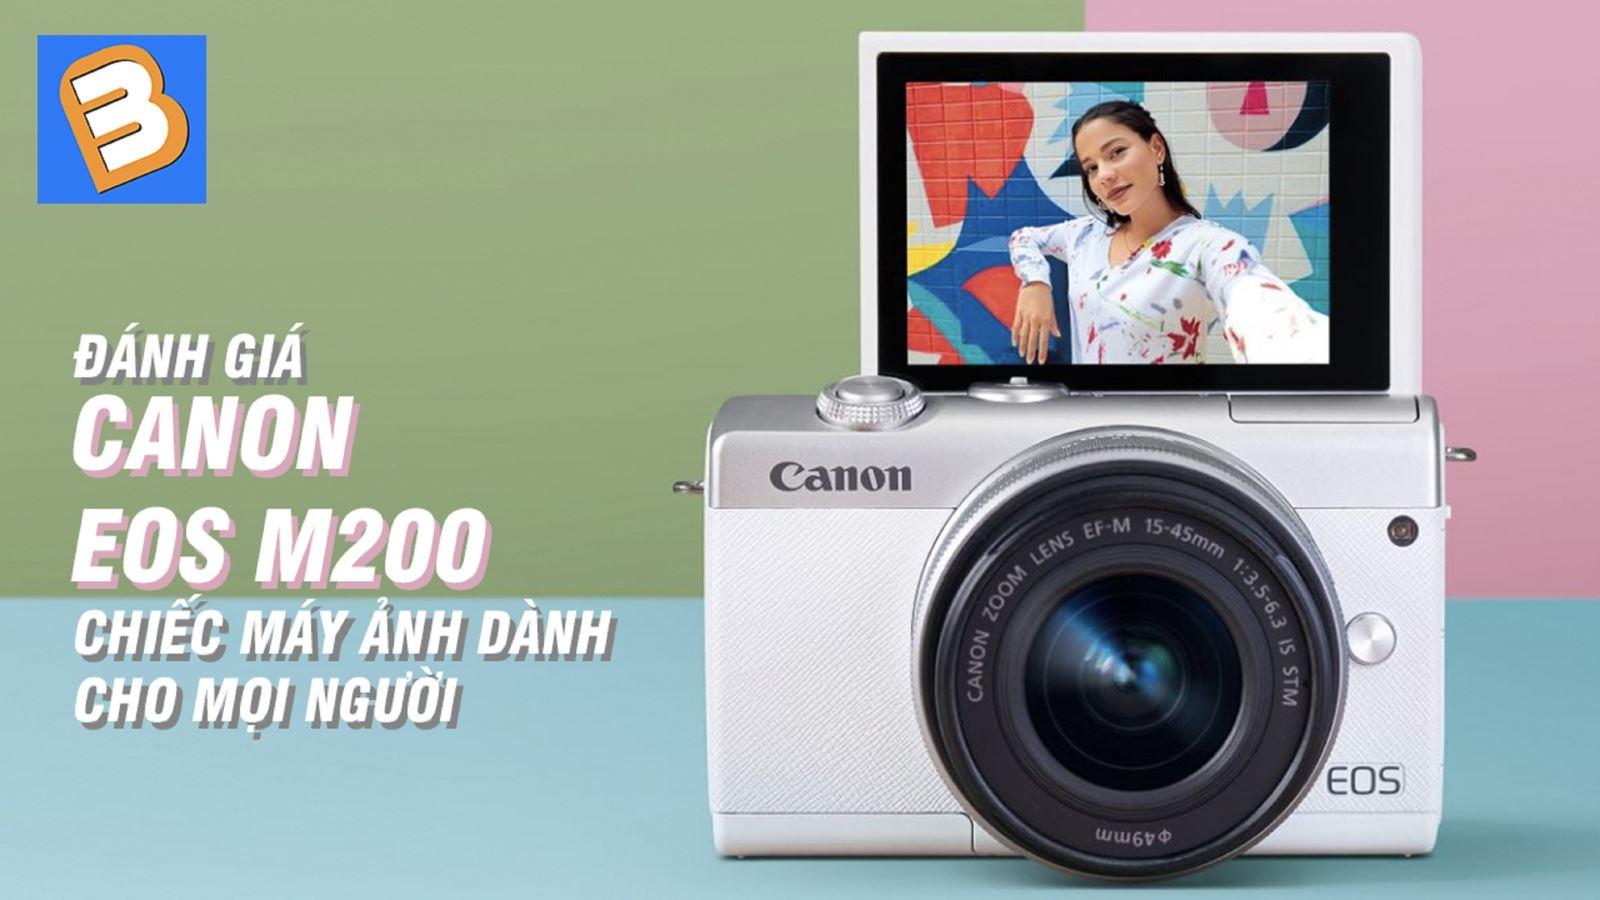 Đánh giáCanon EOS M200: Chiếc máy ảnh dành cho mọi người